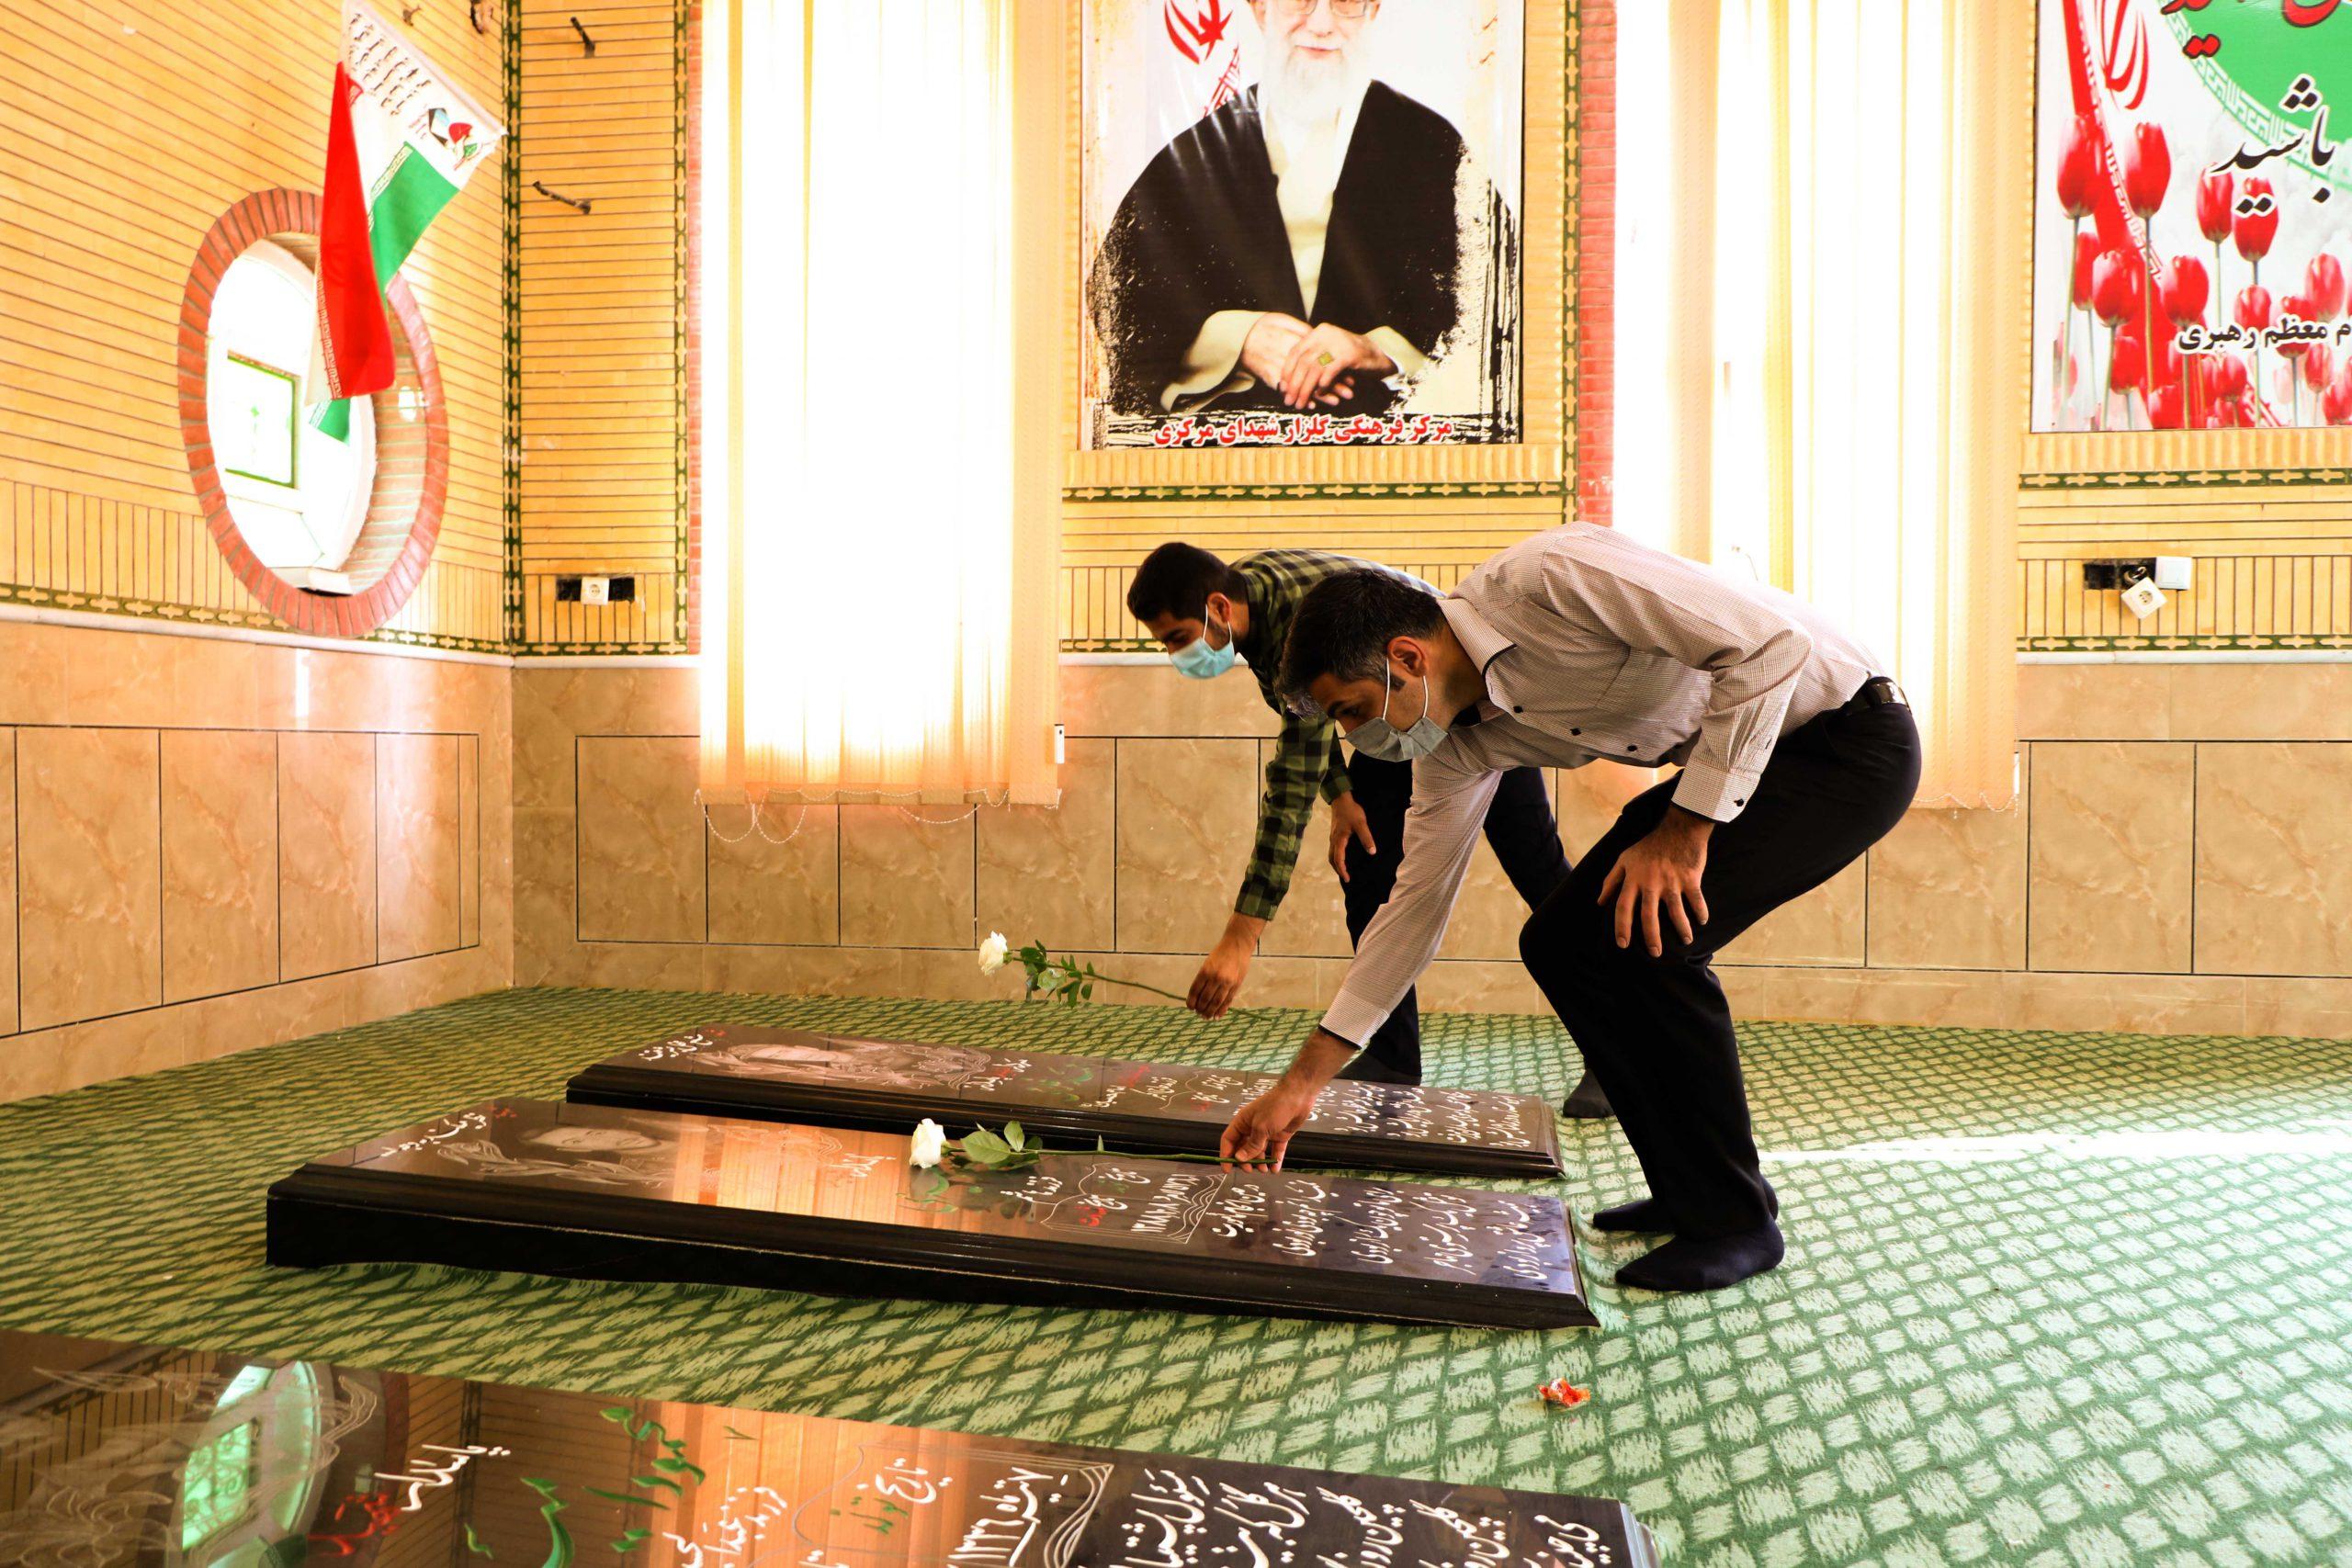 ادای احترام وتجدید میثاق دانشگاهیان مرکزآموزش عالی لامرد با حضور در گلزار شهدای لامرد